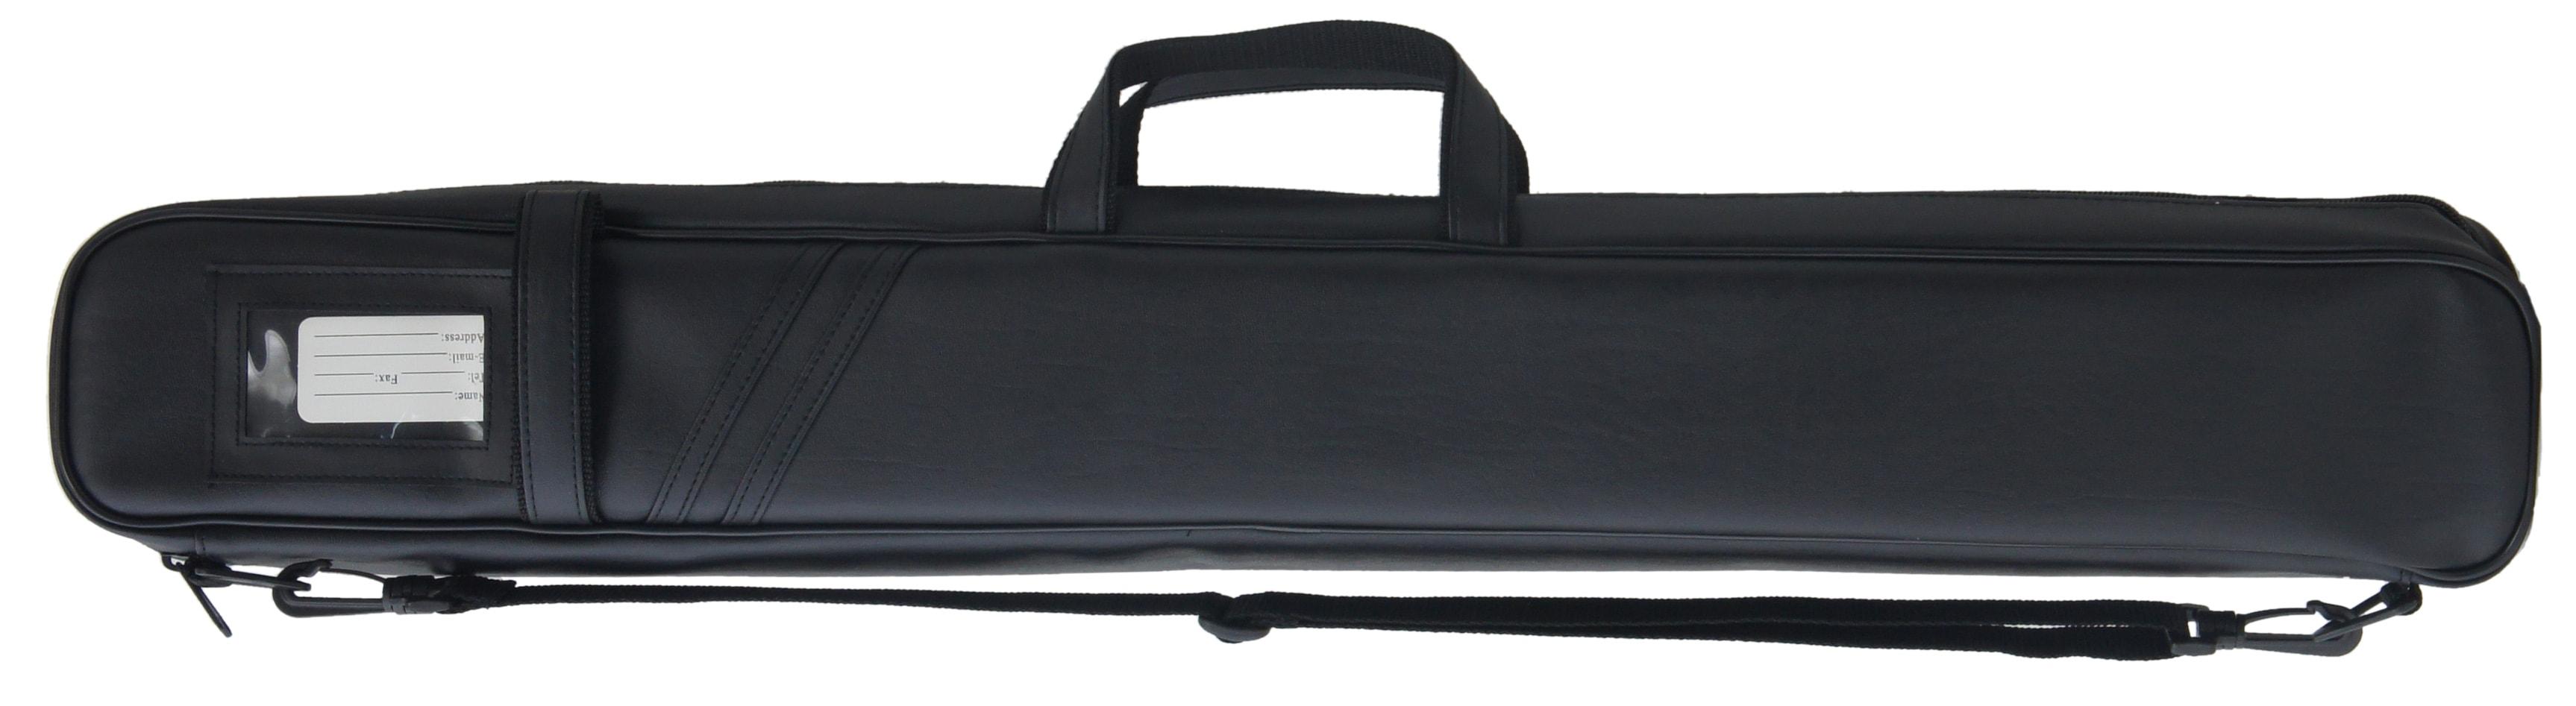 ノーブランドソフトキューケース 9188 黒 2b4s 商品画像